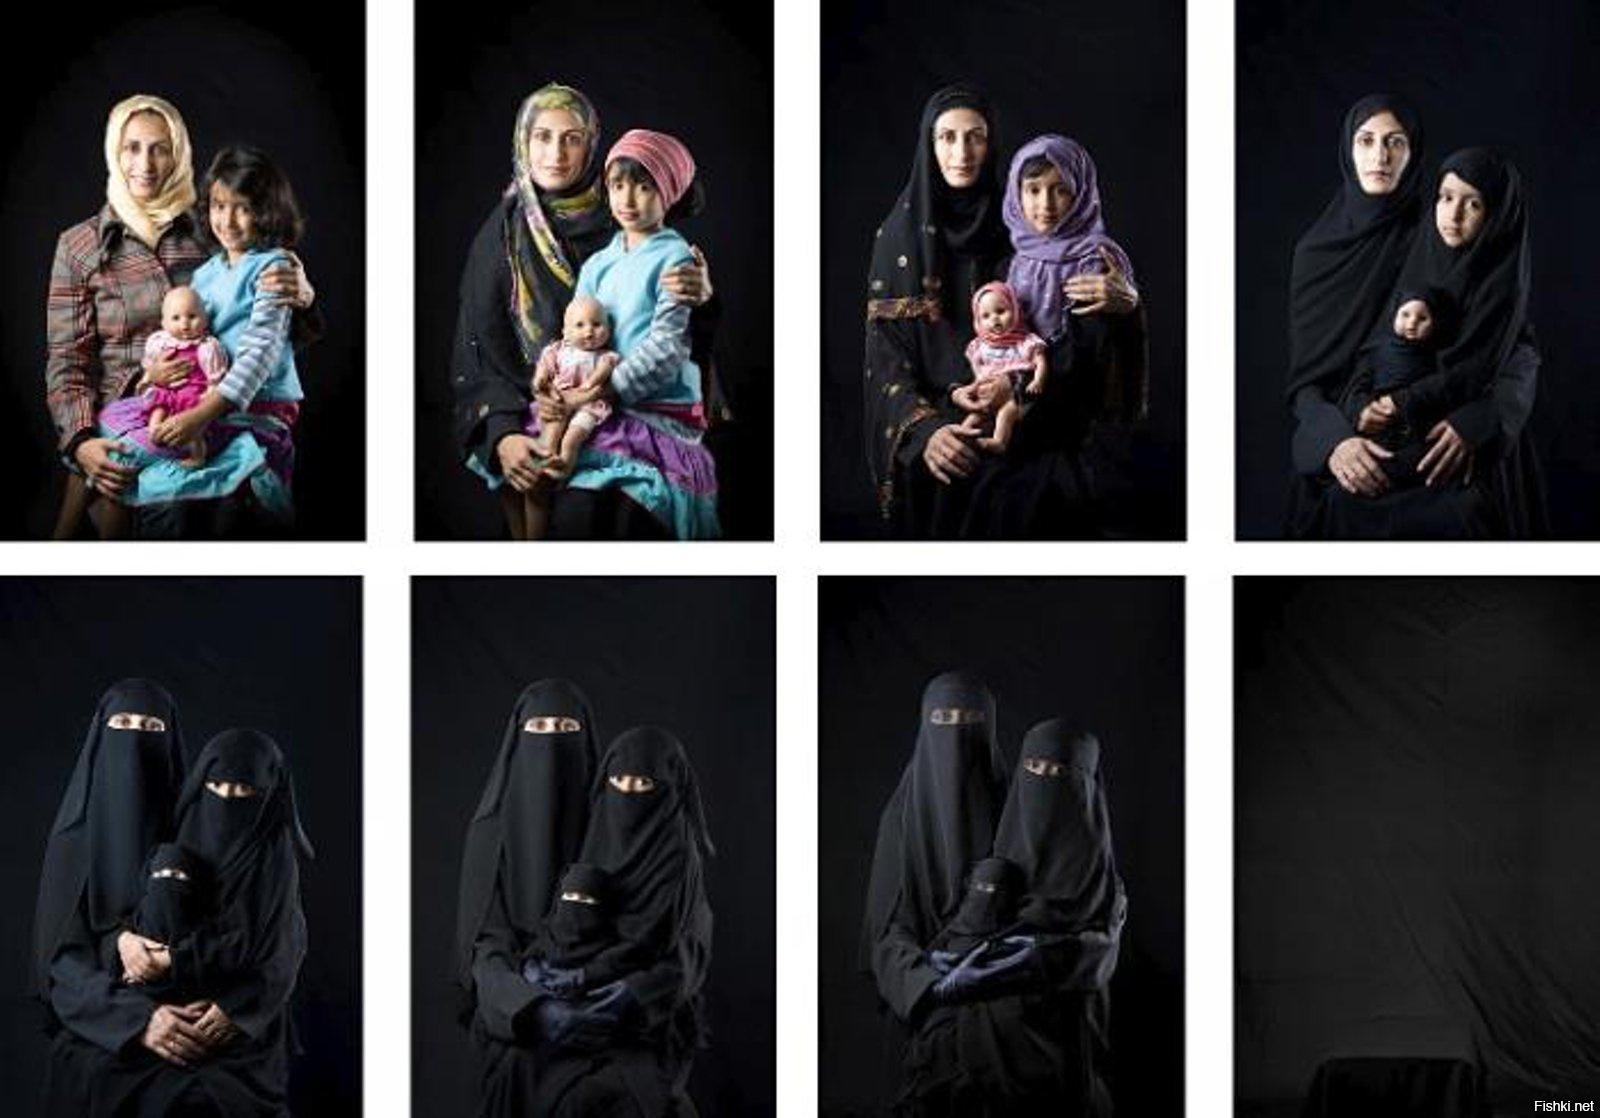 Прикольные картинки про хиджаб, для